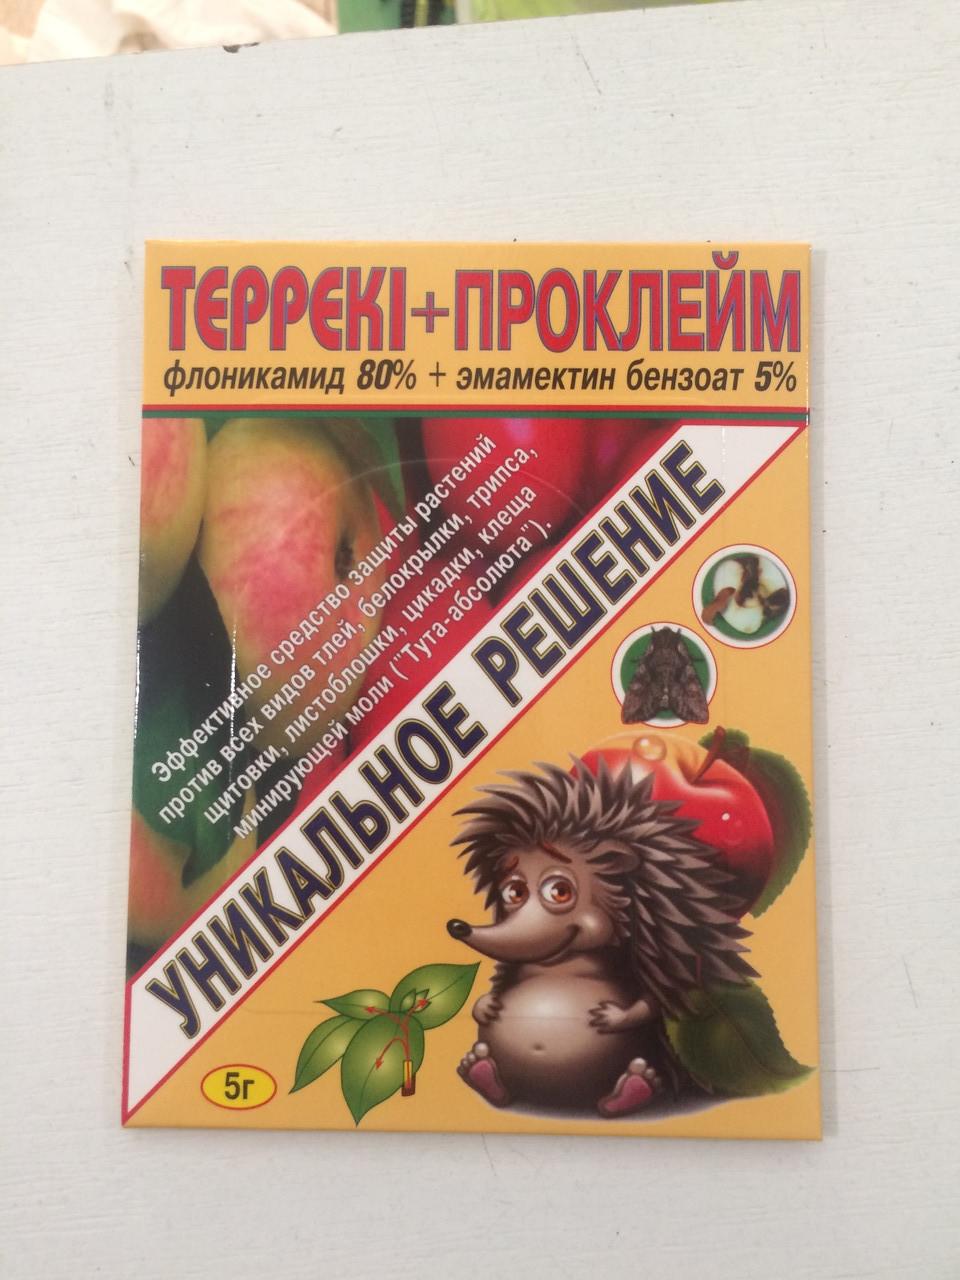 Інсектицид Теппеки+Проклейм 5г